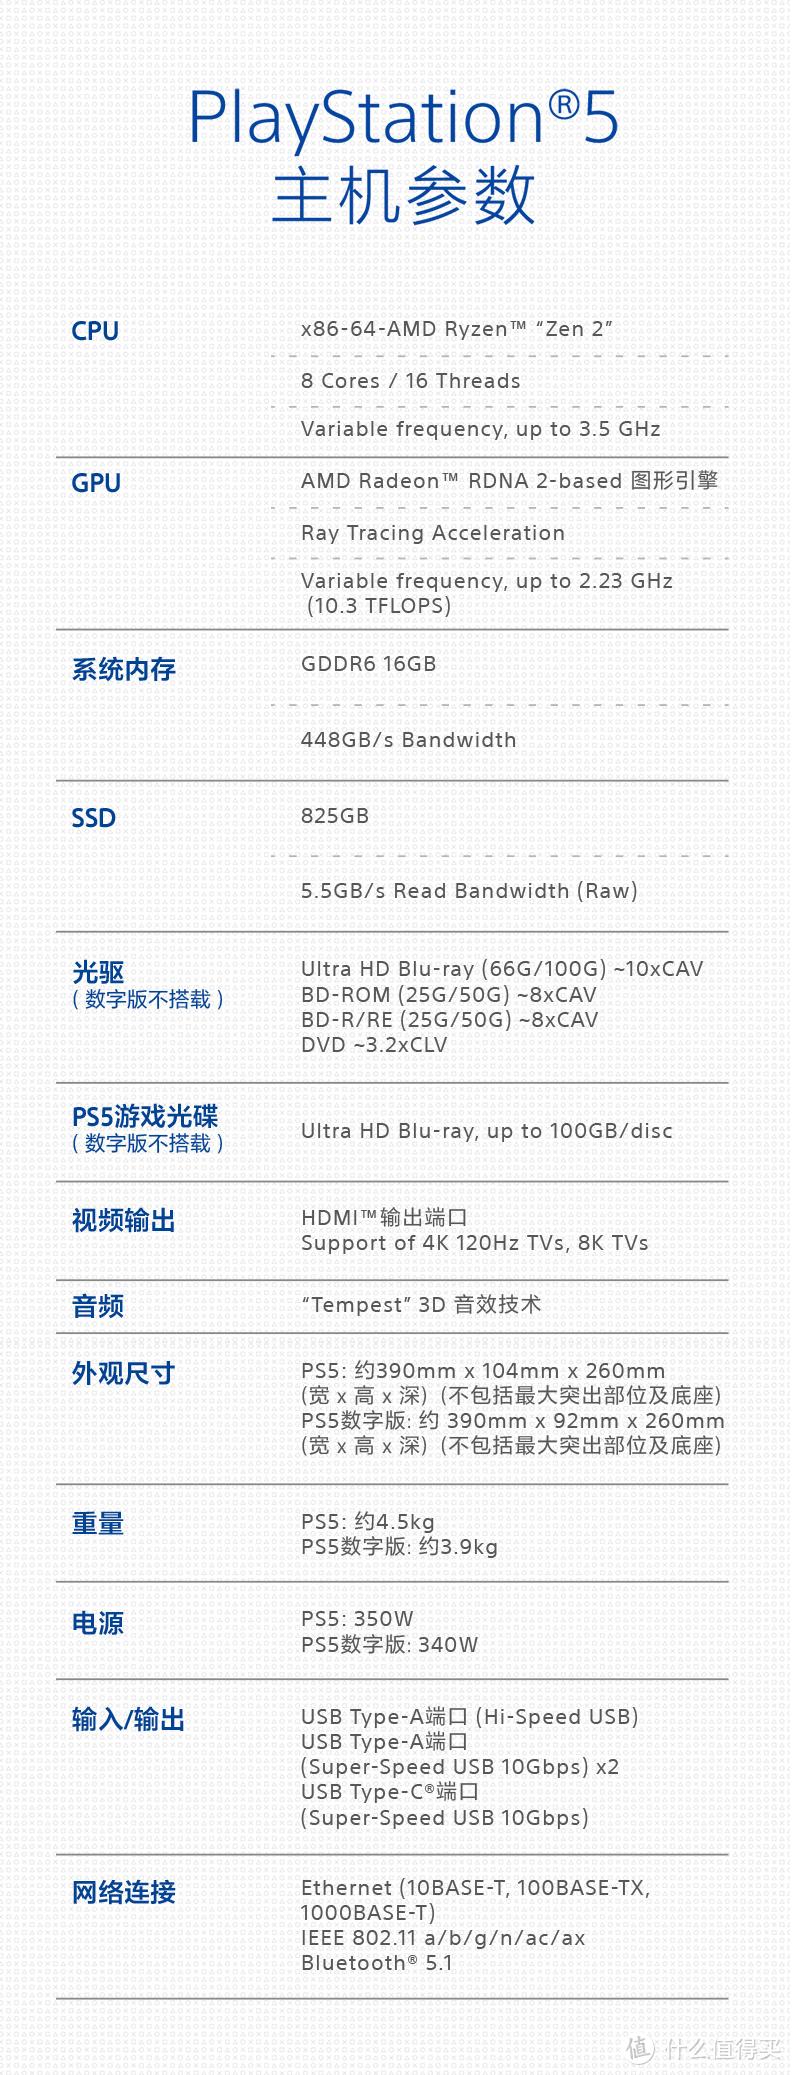 购买PlayStation 5需要知道的一些东西